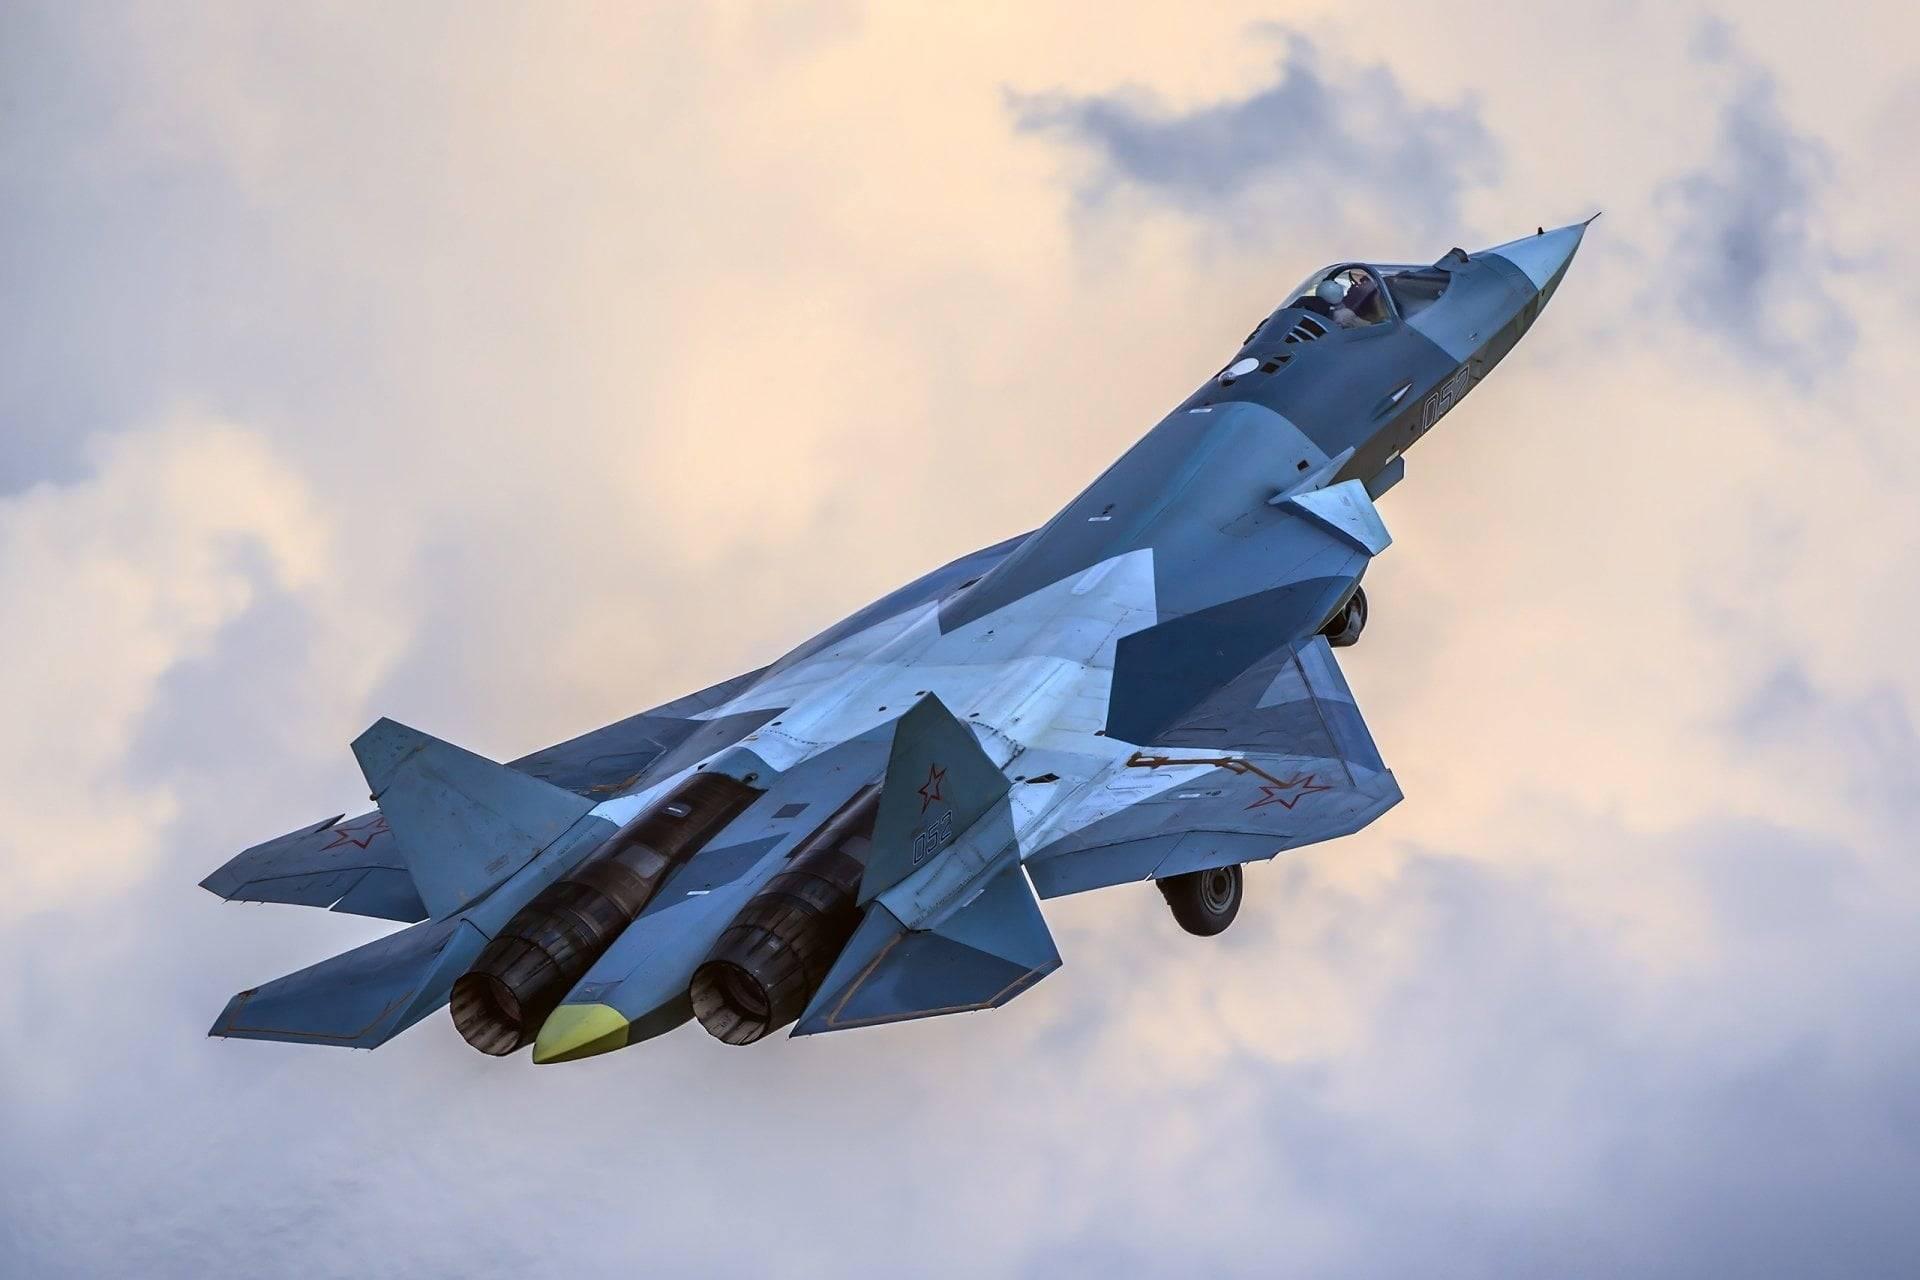 Истребитель су-57. история проекта, испытания, контракты